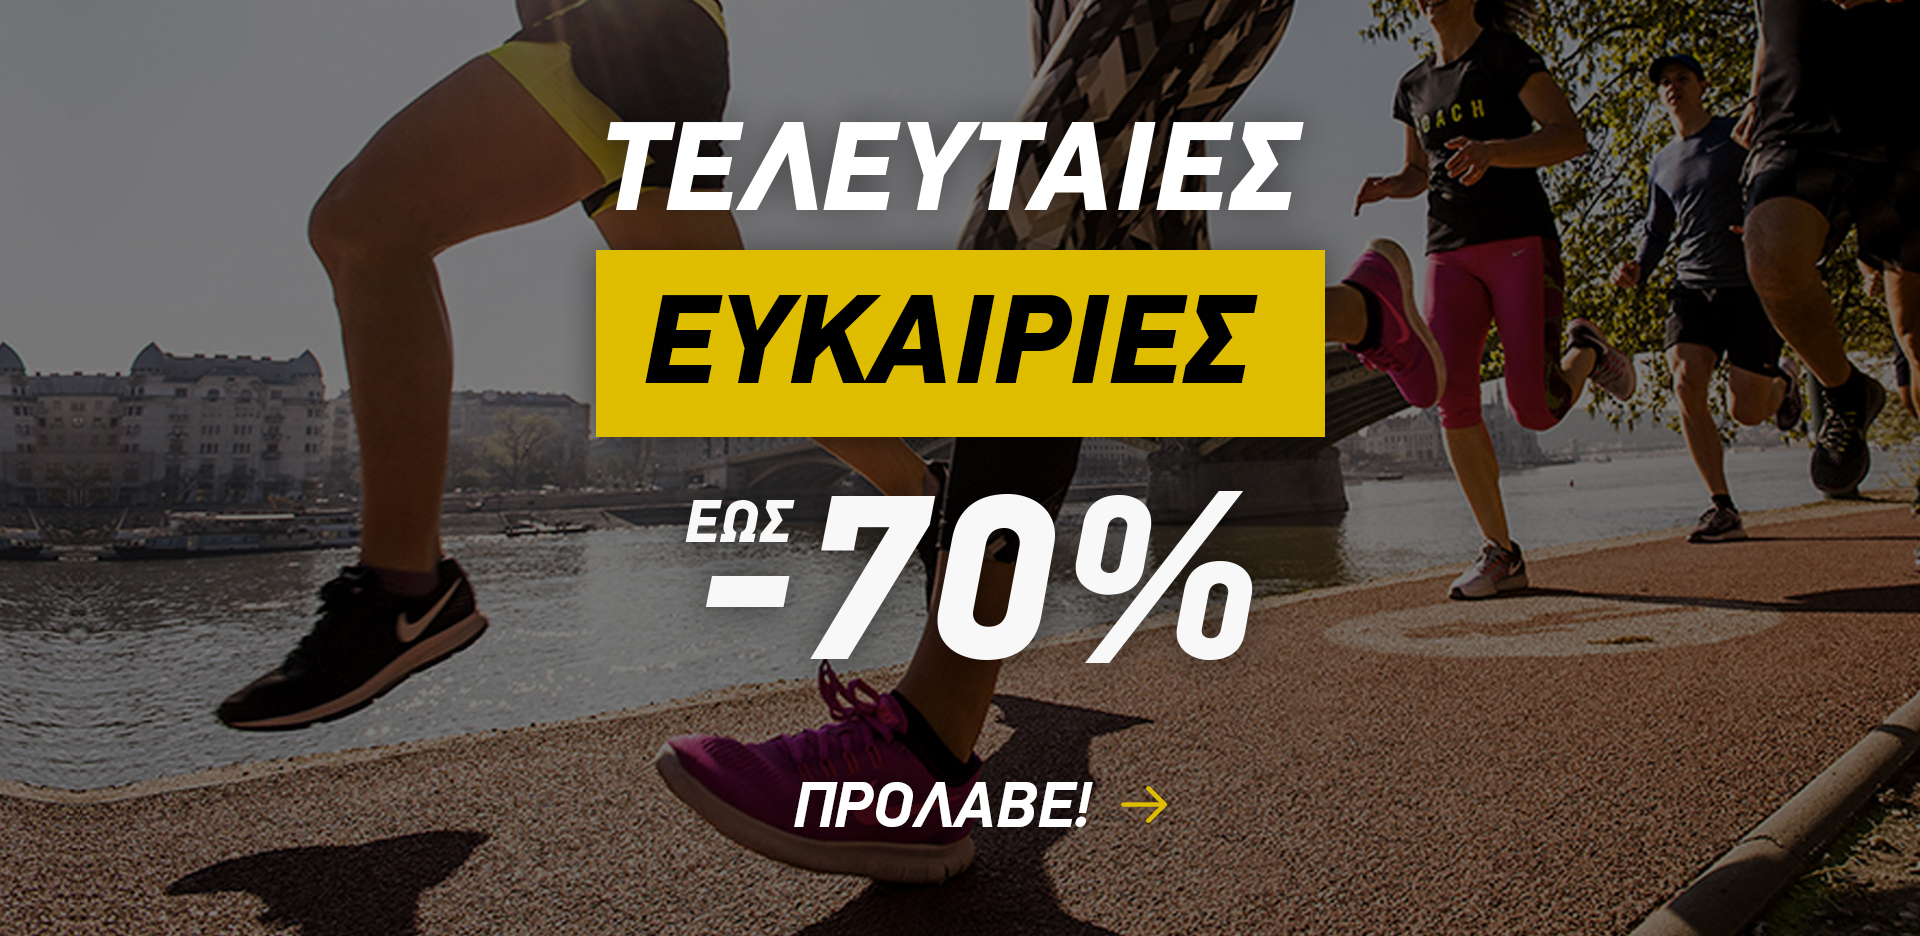 Τελευταίες ευκαιρίες 'Εως -70%